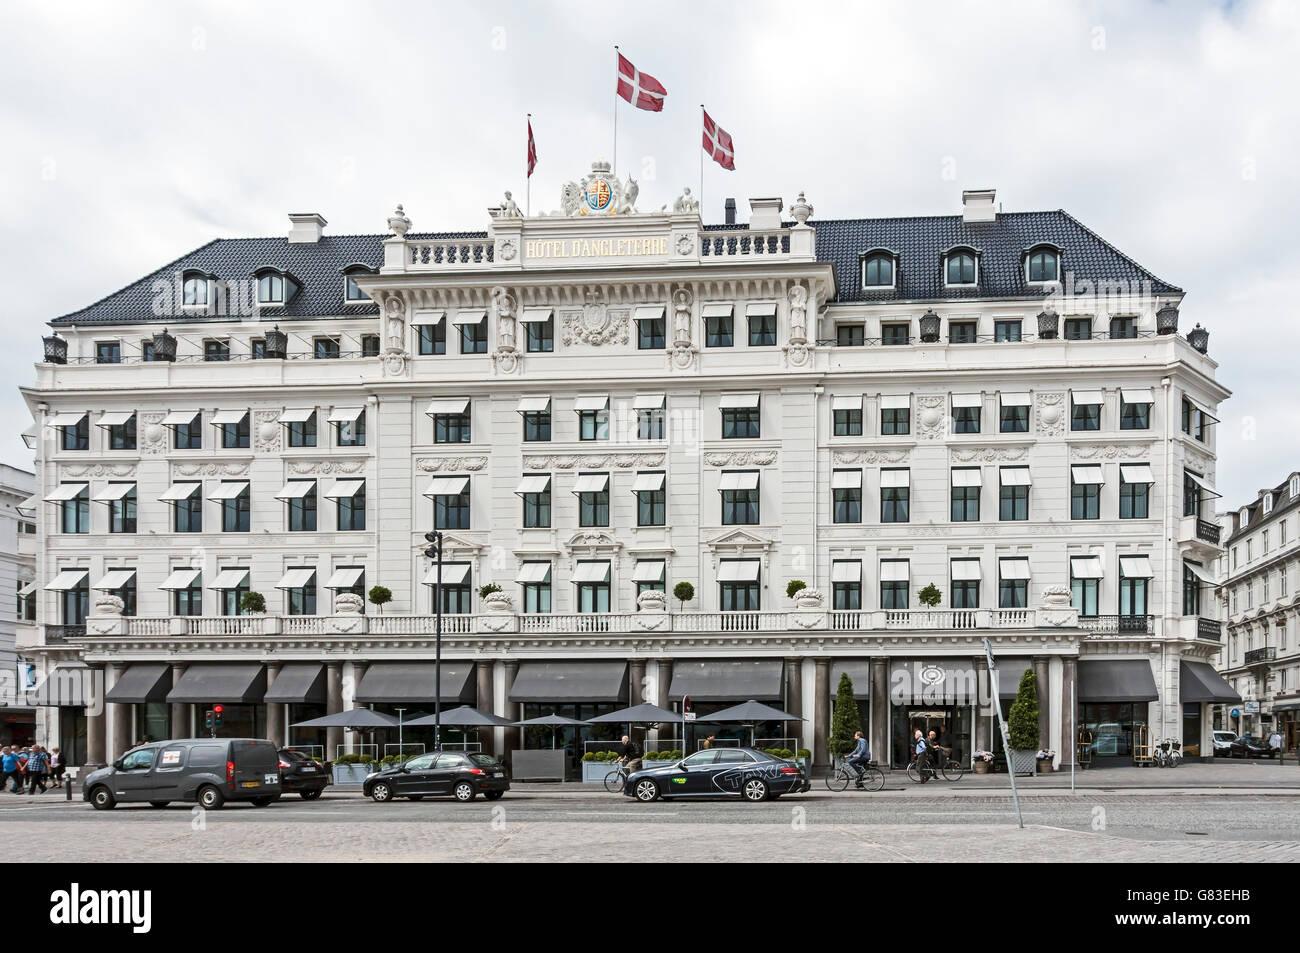 Hotel D'Angleterre Kongens Nytorv Copenhagen Denmark - Stock Image